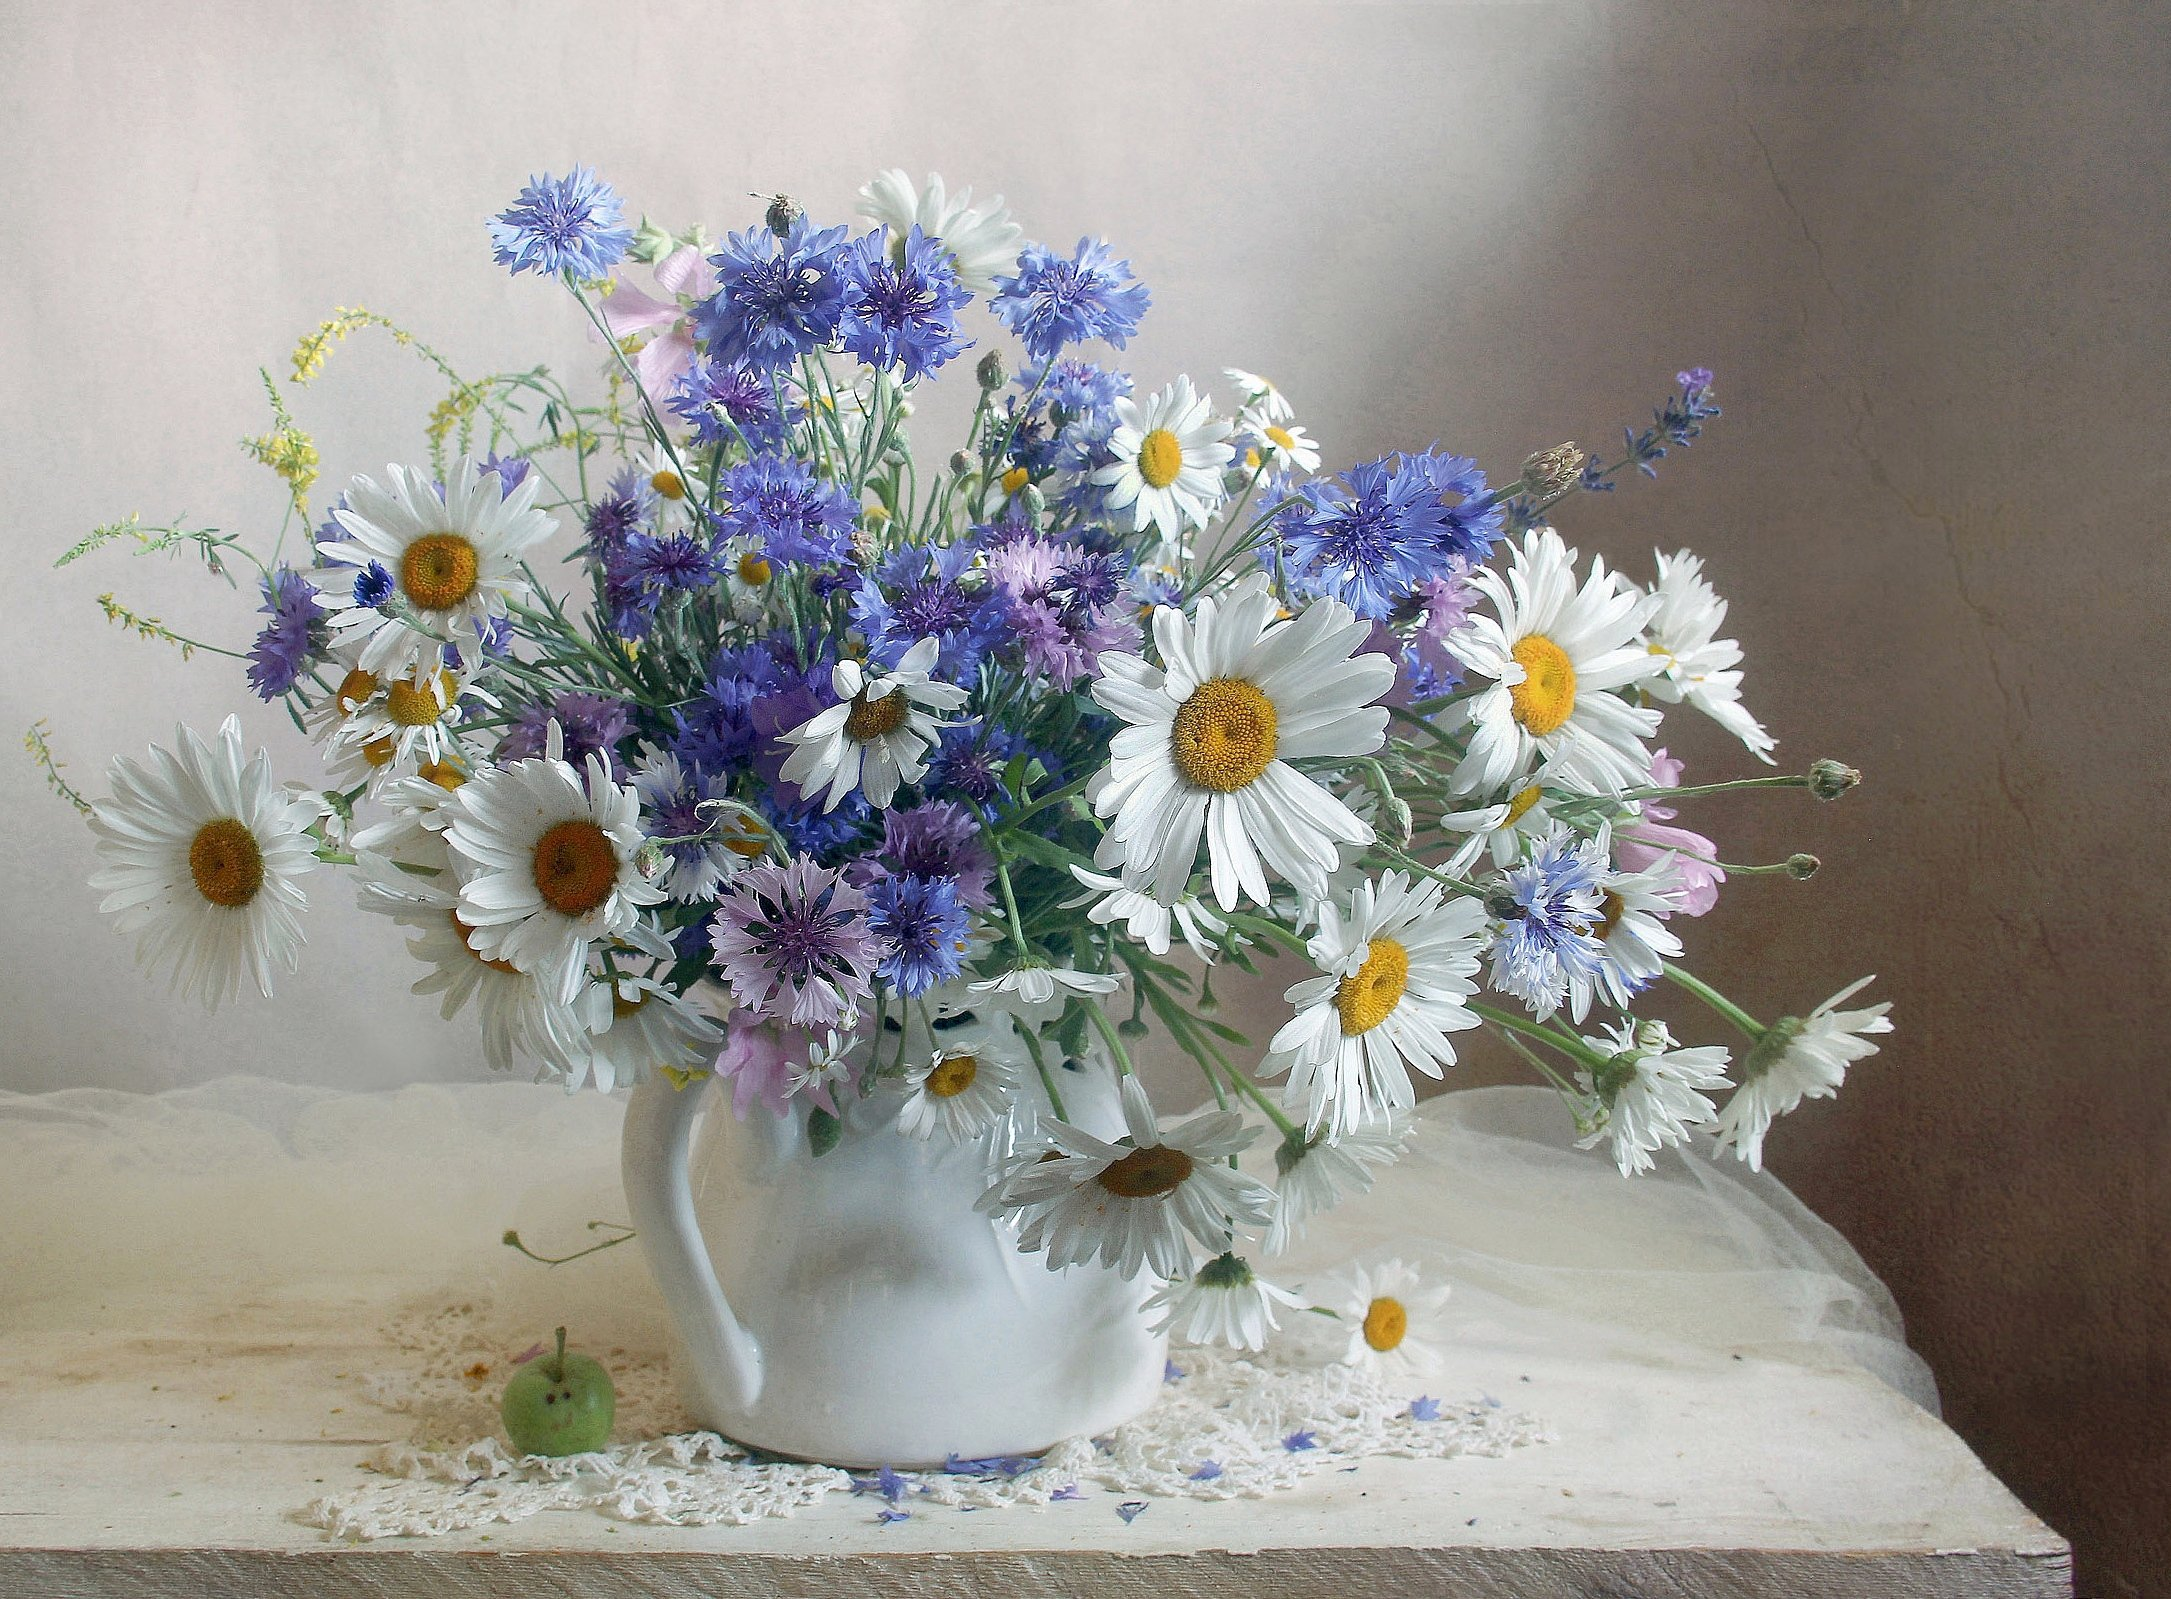 Луговые цветы. Фотограф Филатова Марина